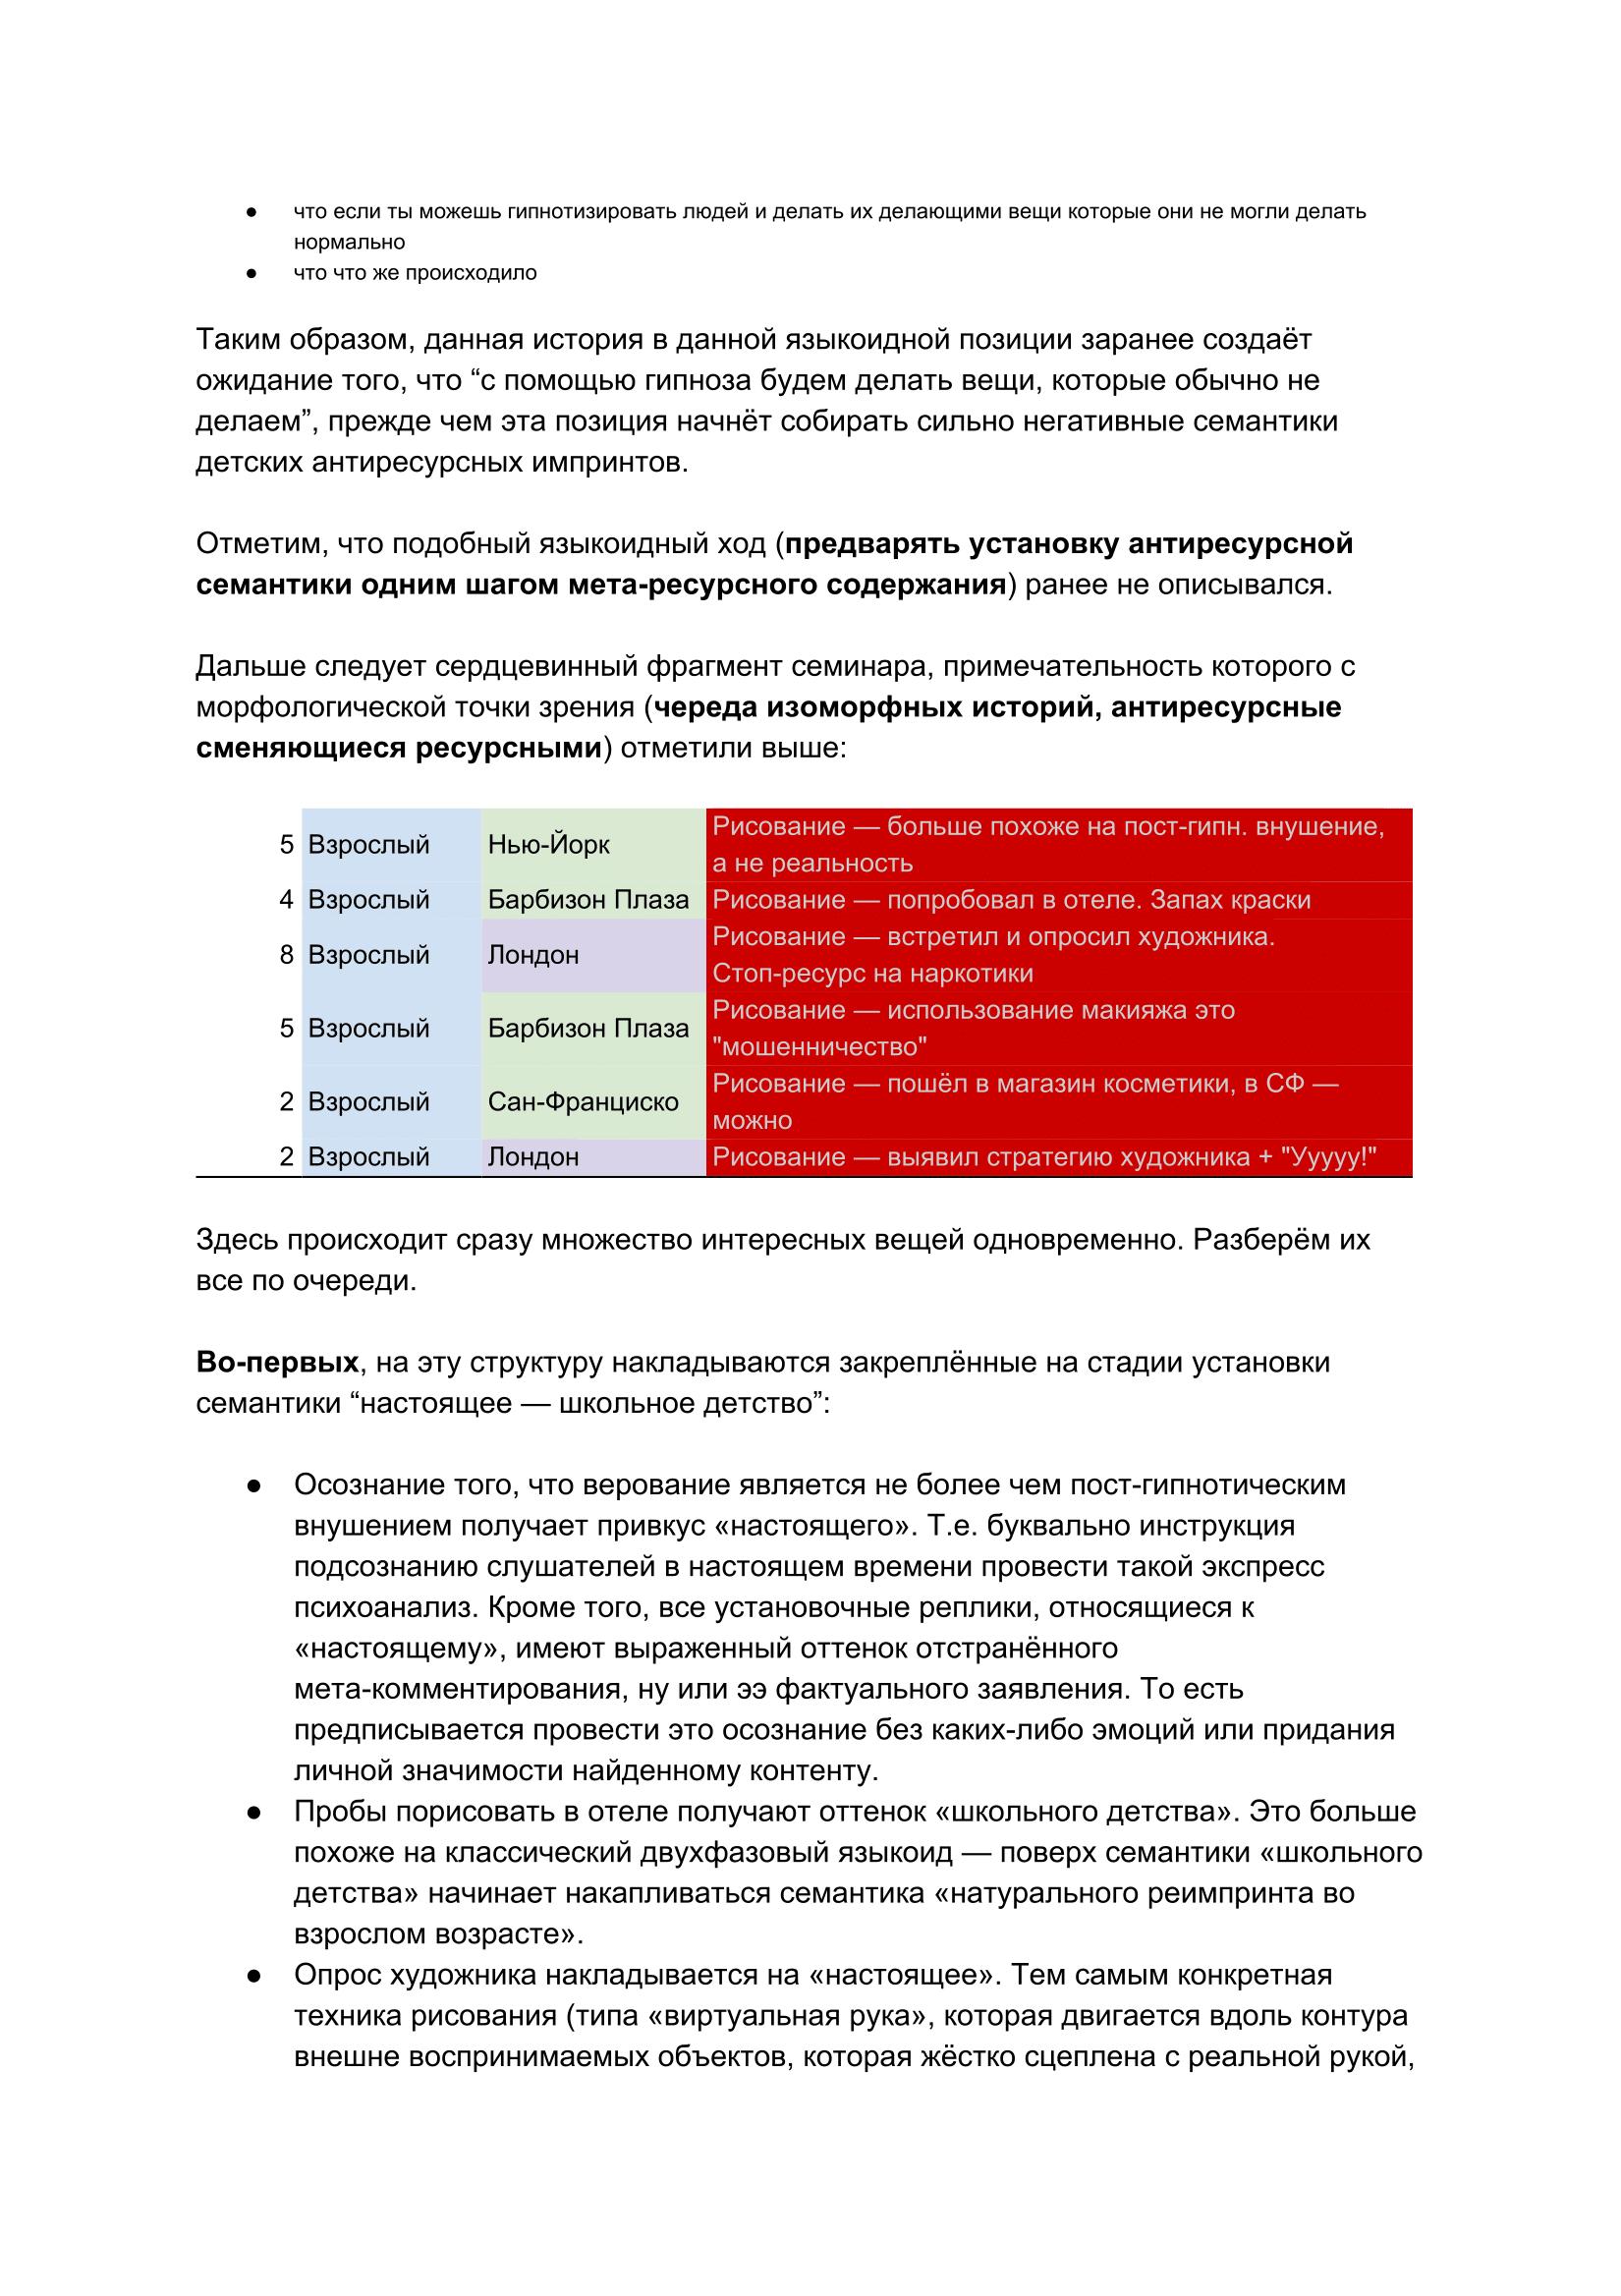 Код Бандлера_copy-09